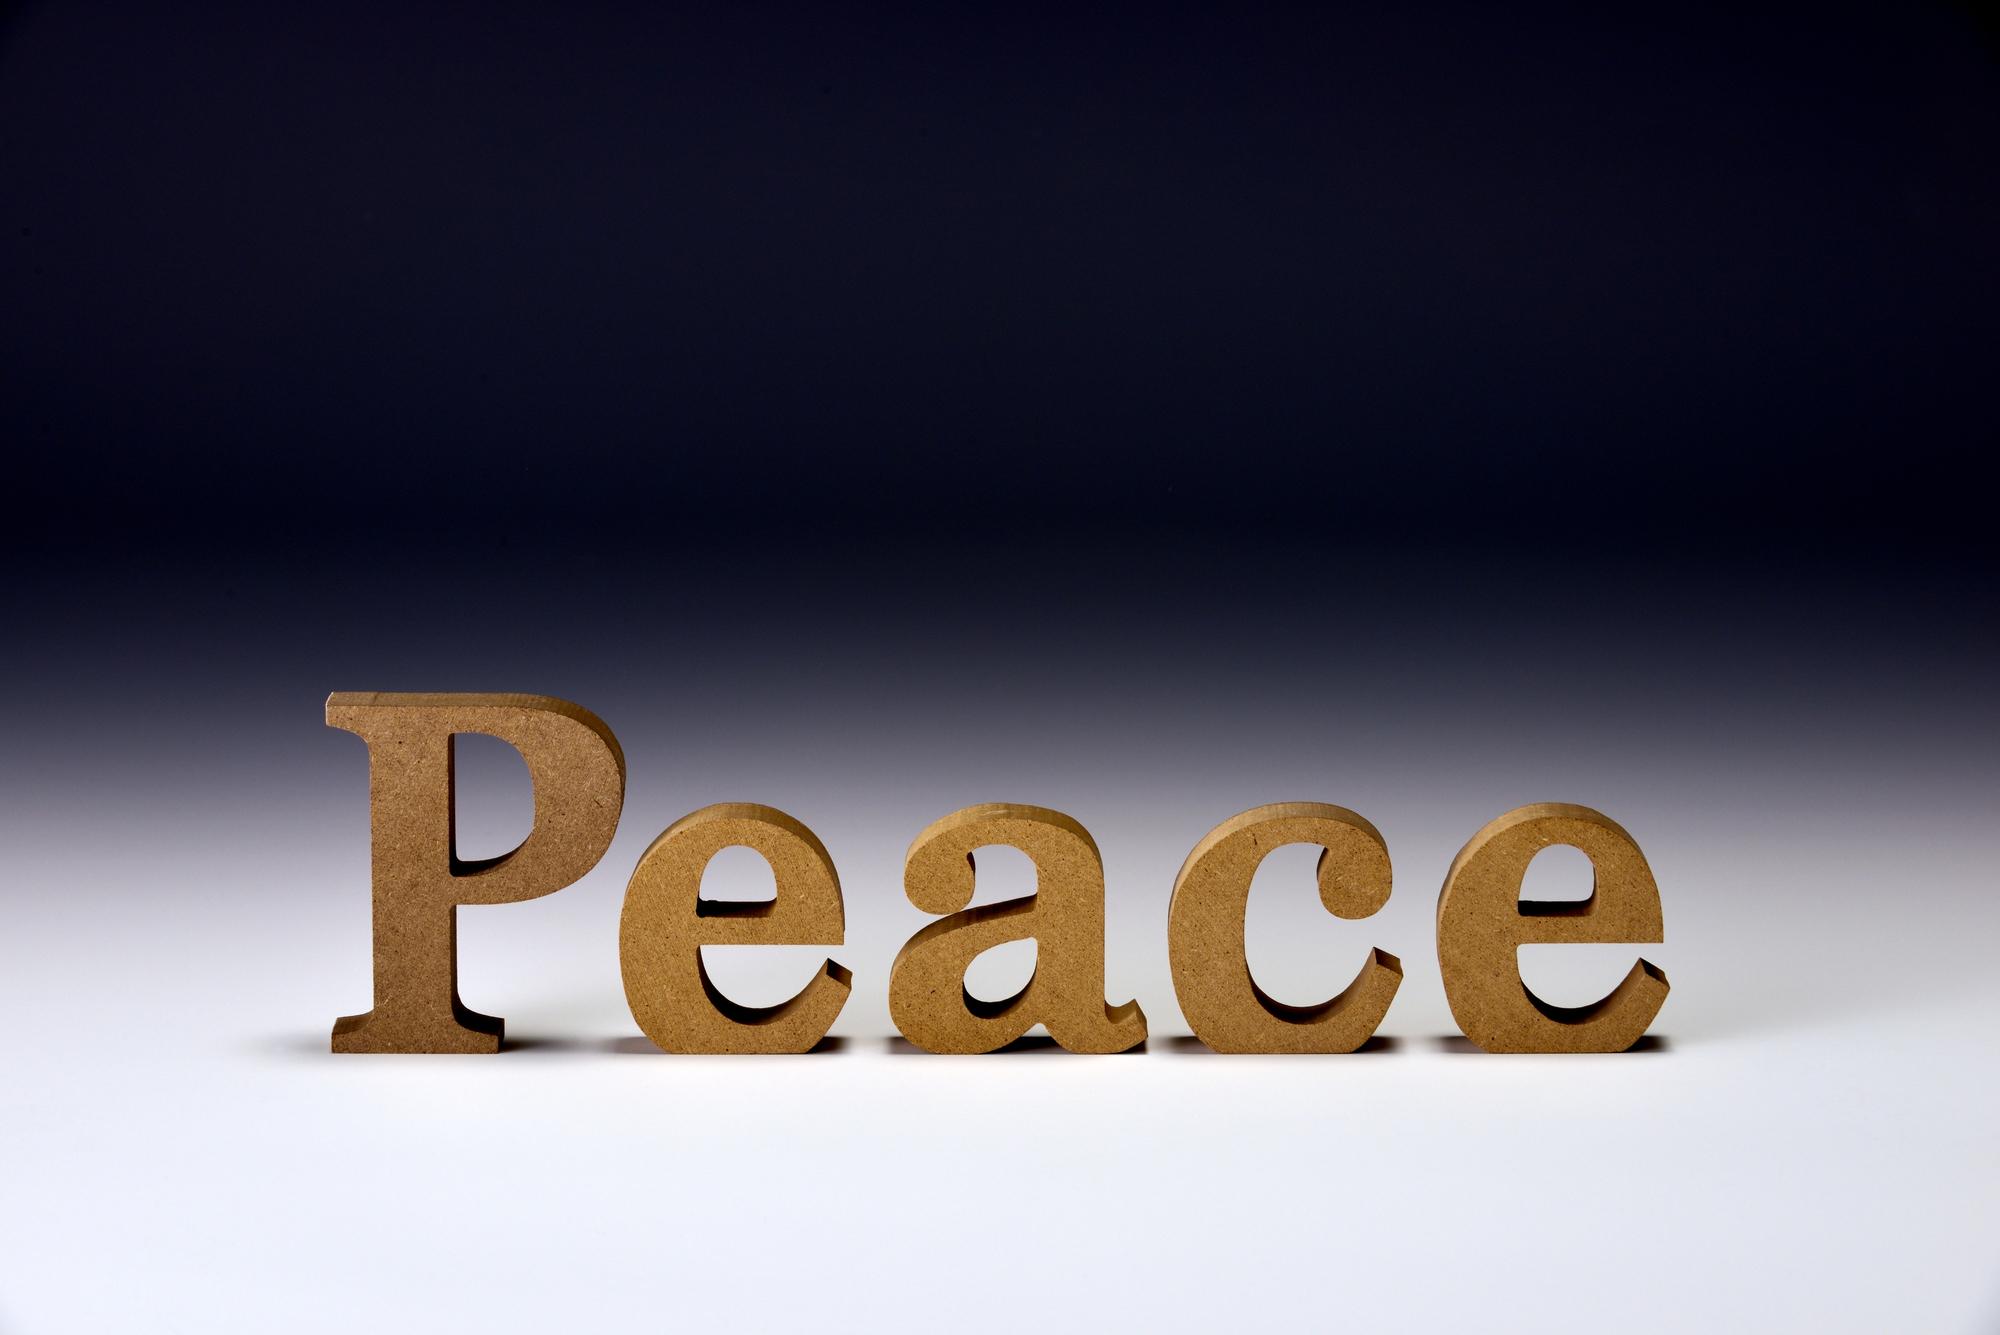 「Peace」・・「幸せ」って何だろう。本当はもっと幸せにくらせるのでないか?